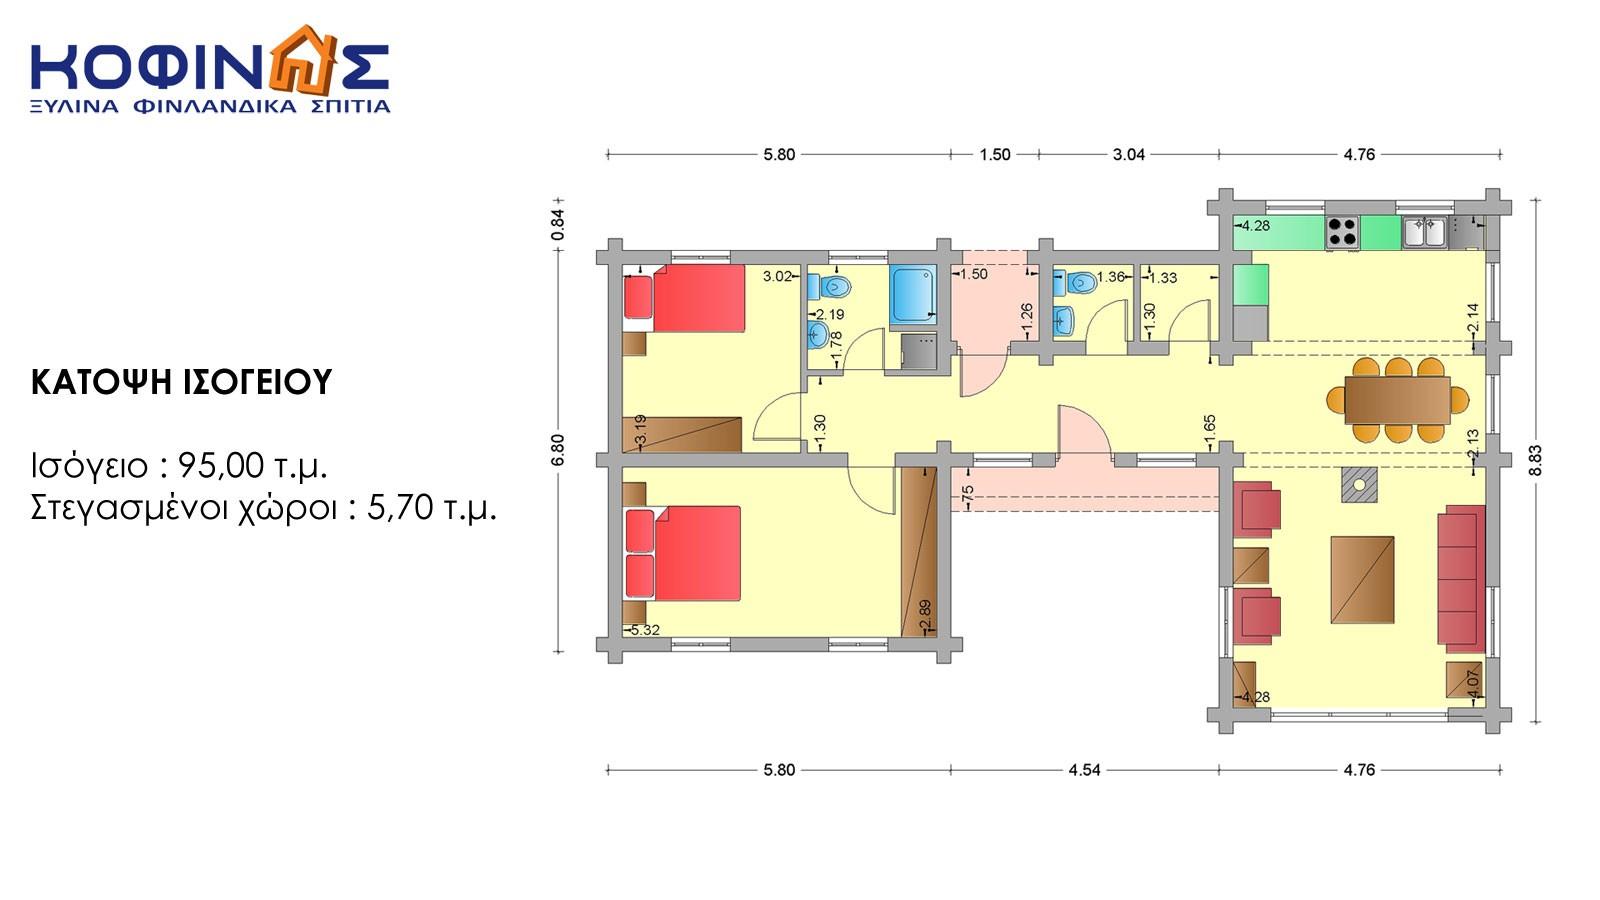 Ισόγεια Ξύλινη Κατοικία XI-95, συνολικής επιφάνειας 95,00 τ.μ.